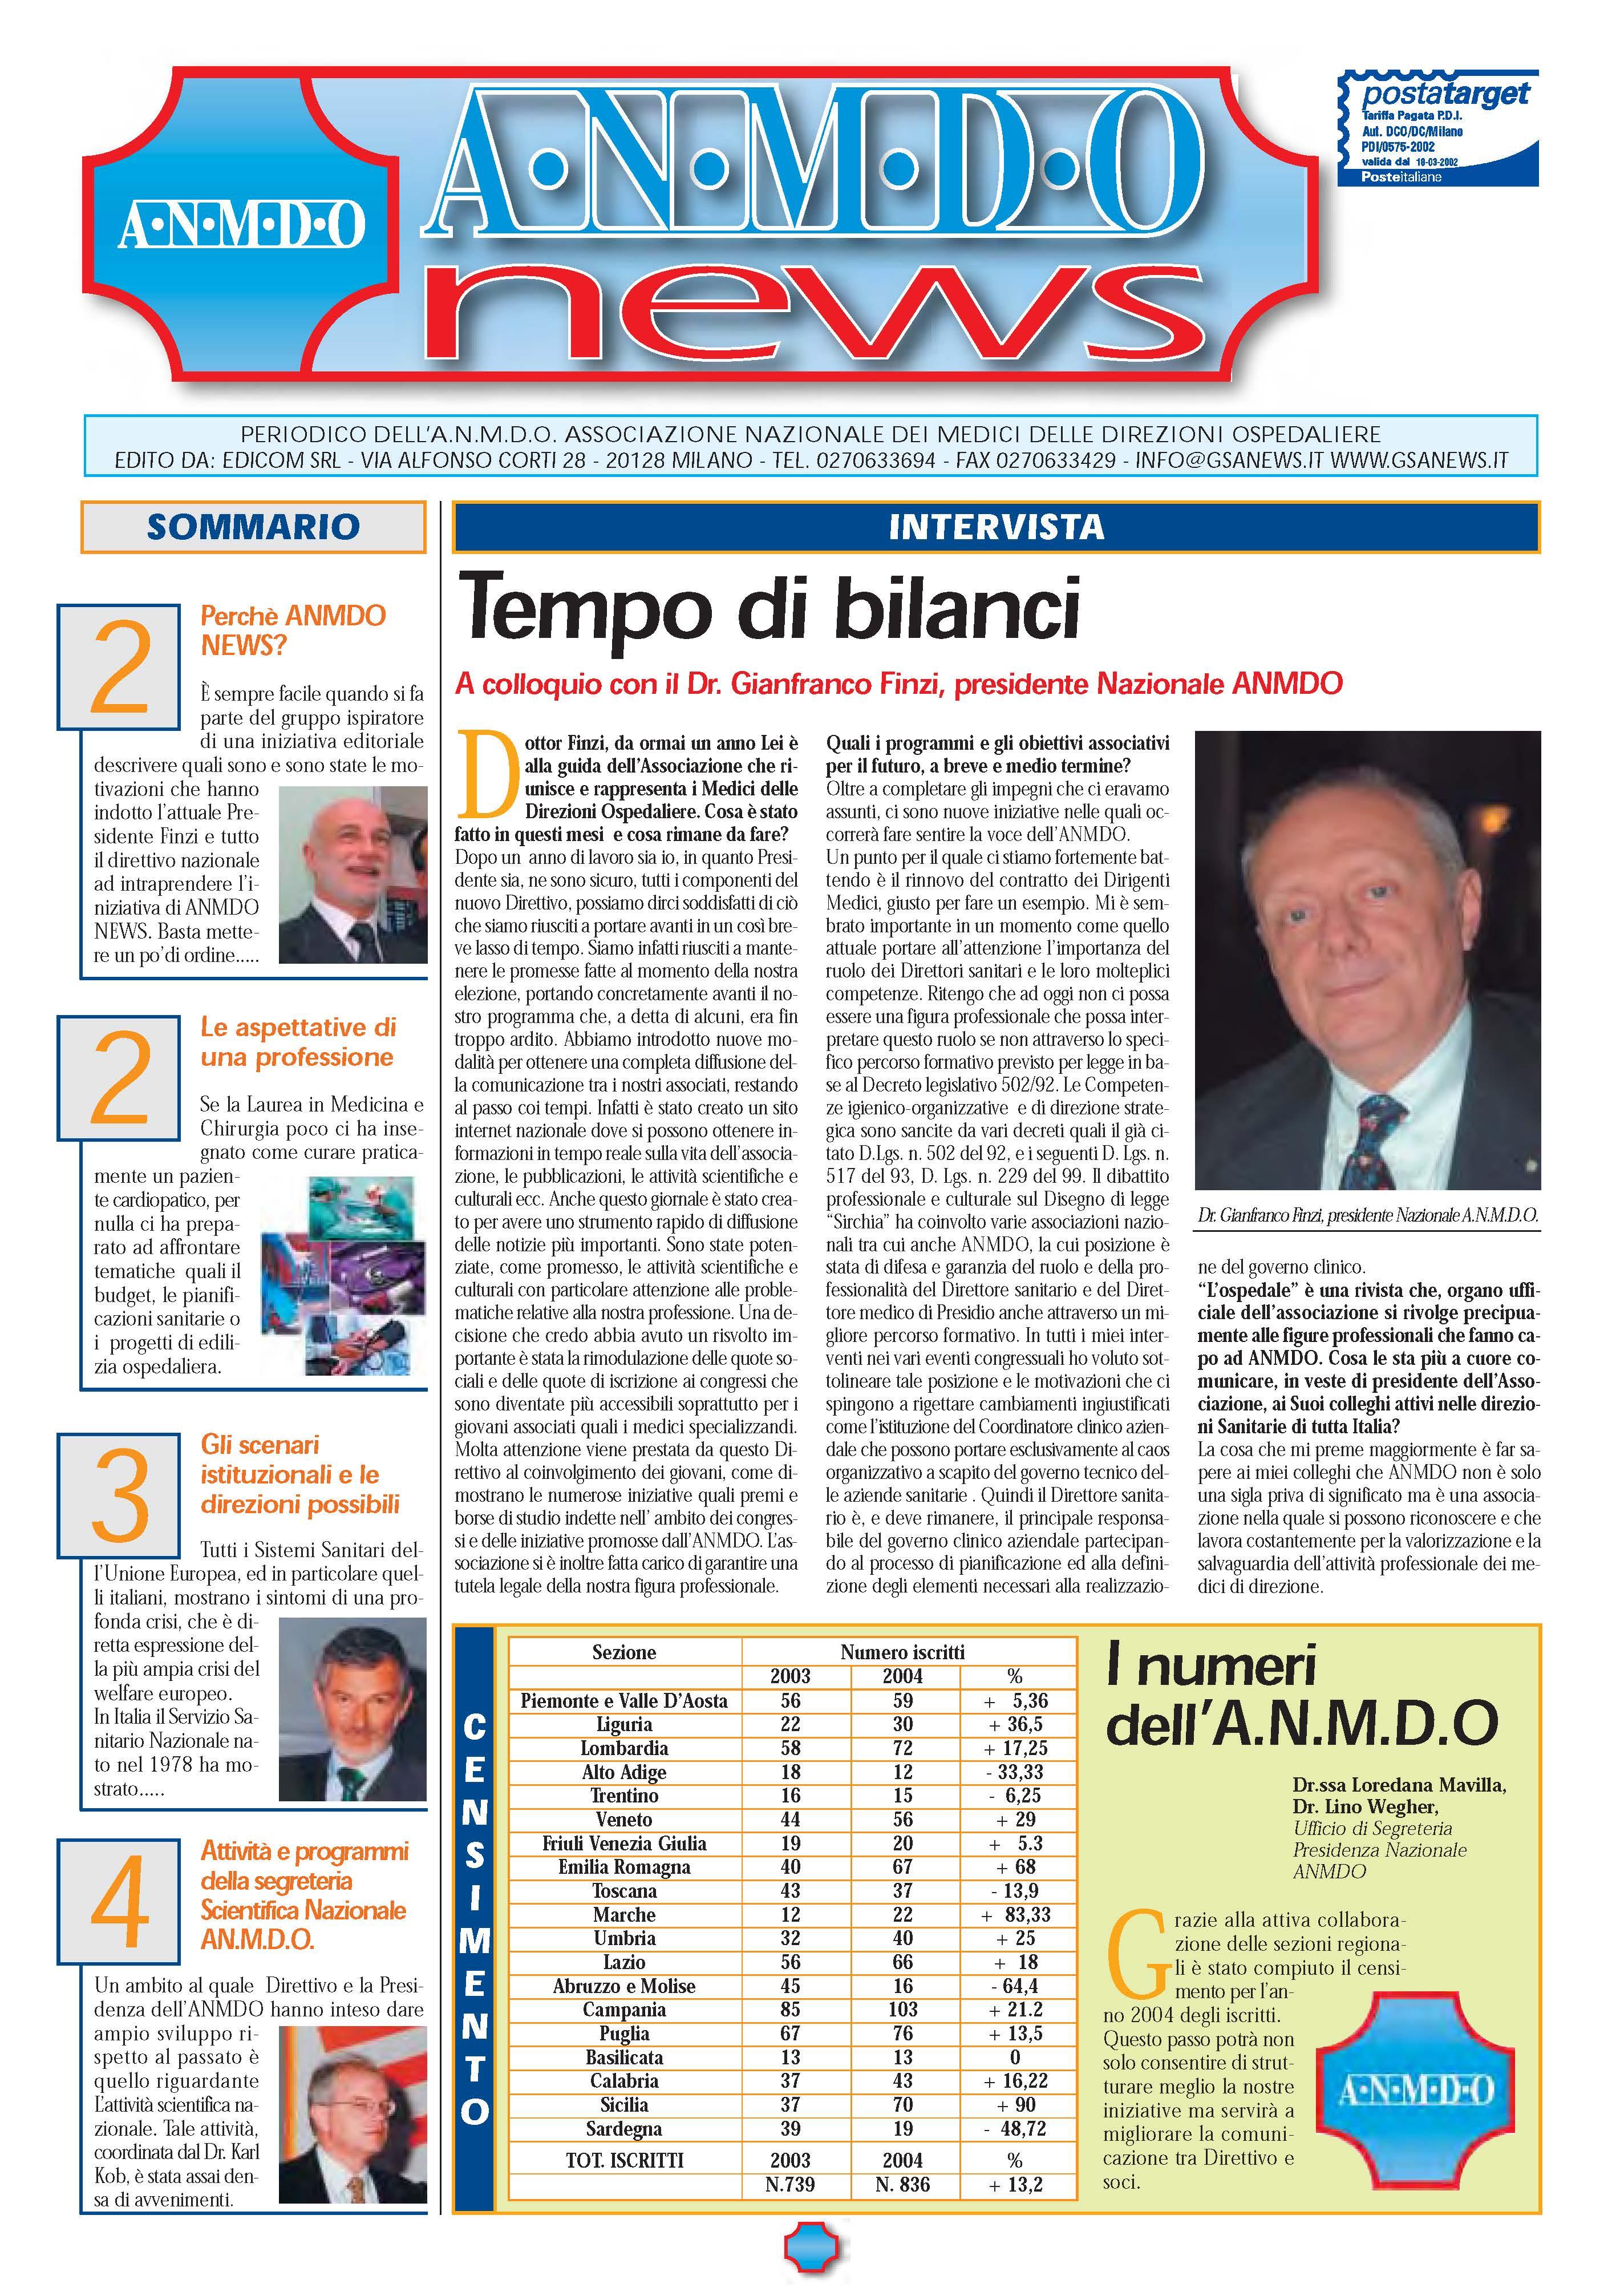 pagine-da-anmdonews_1_04